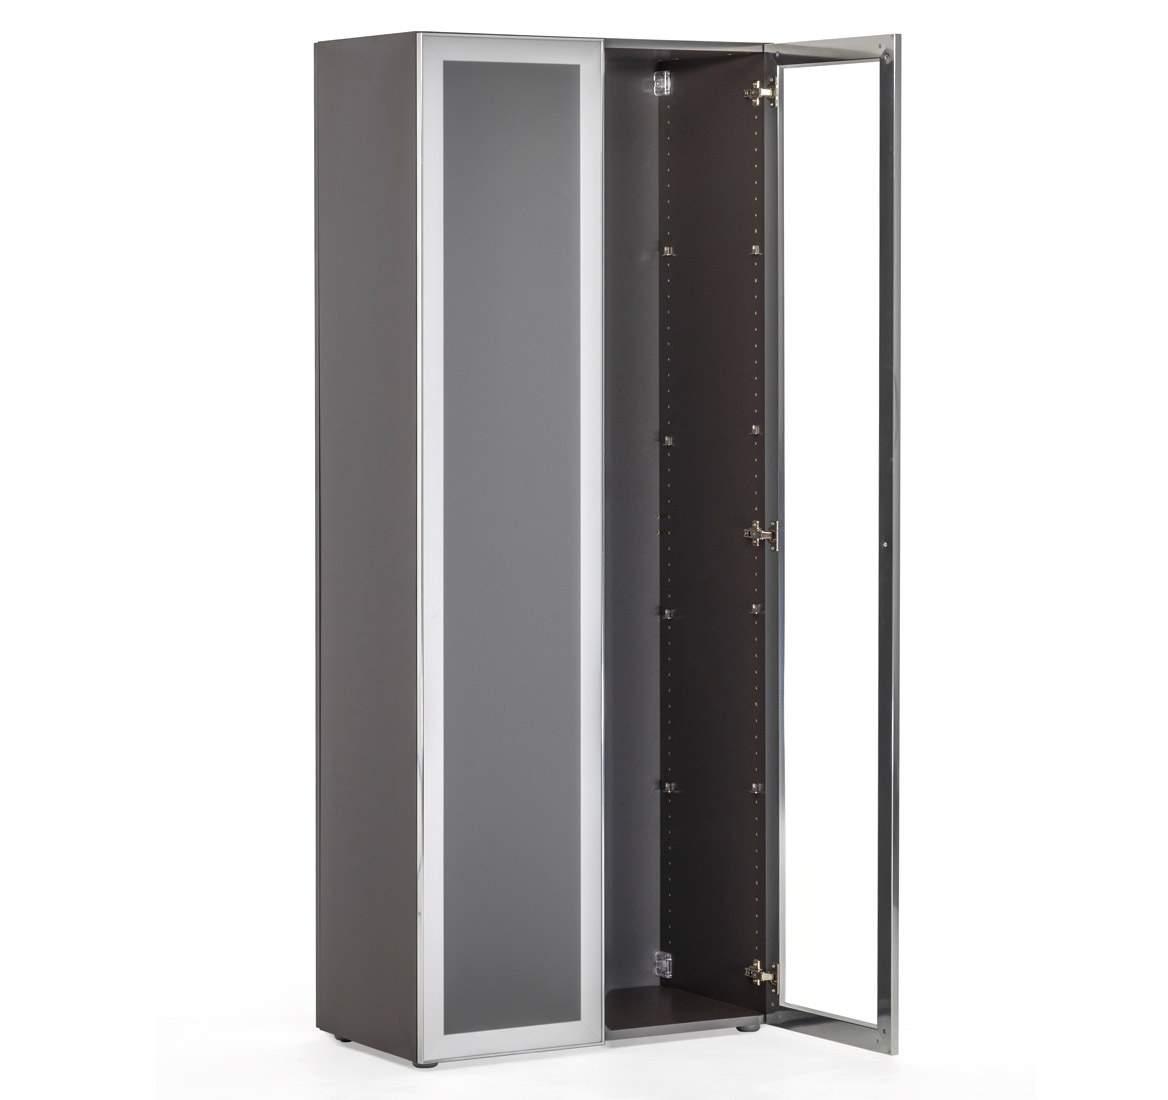 ALEA Каркас шкафа металл H.193 800x440x1938